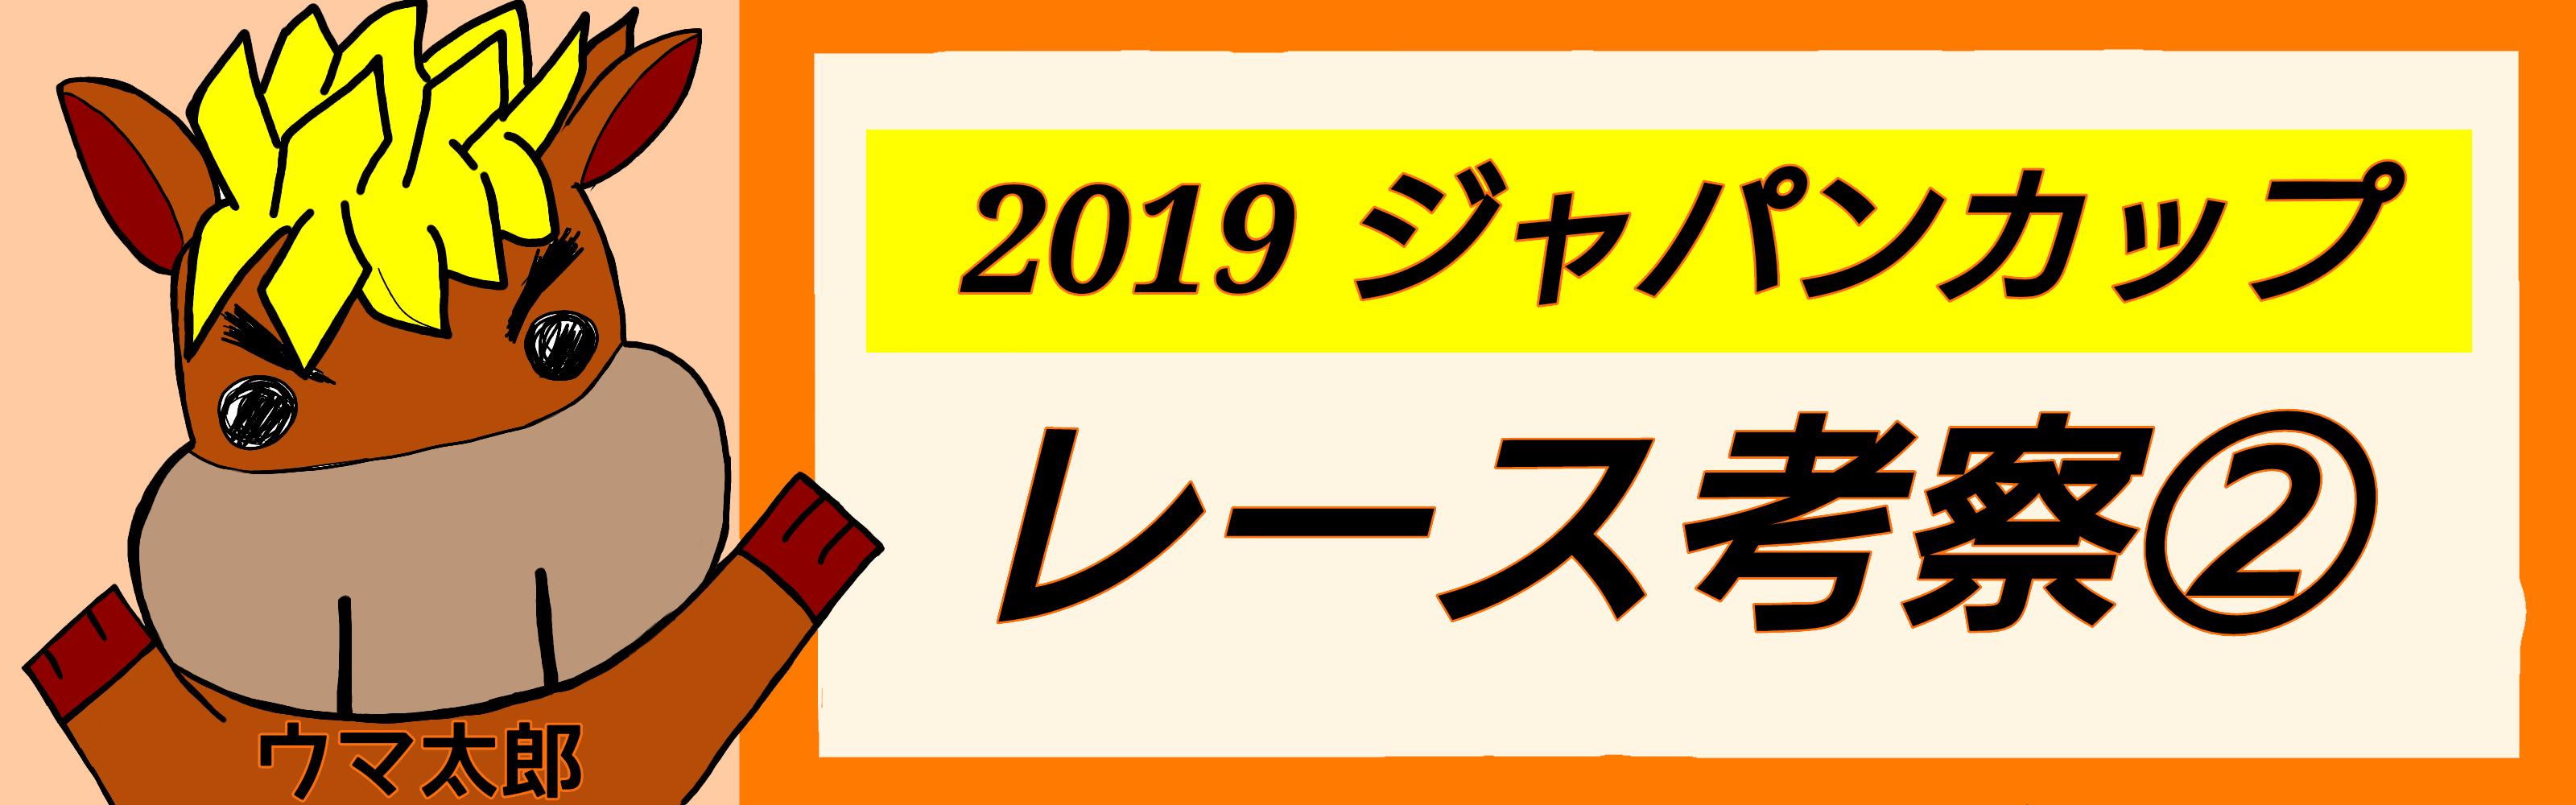 ジャパンカップ考察2